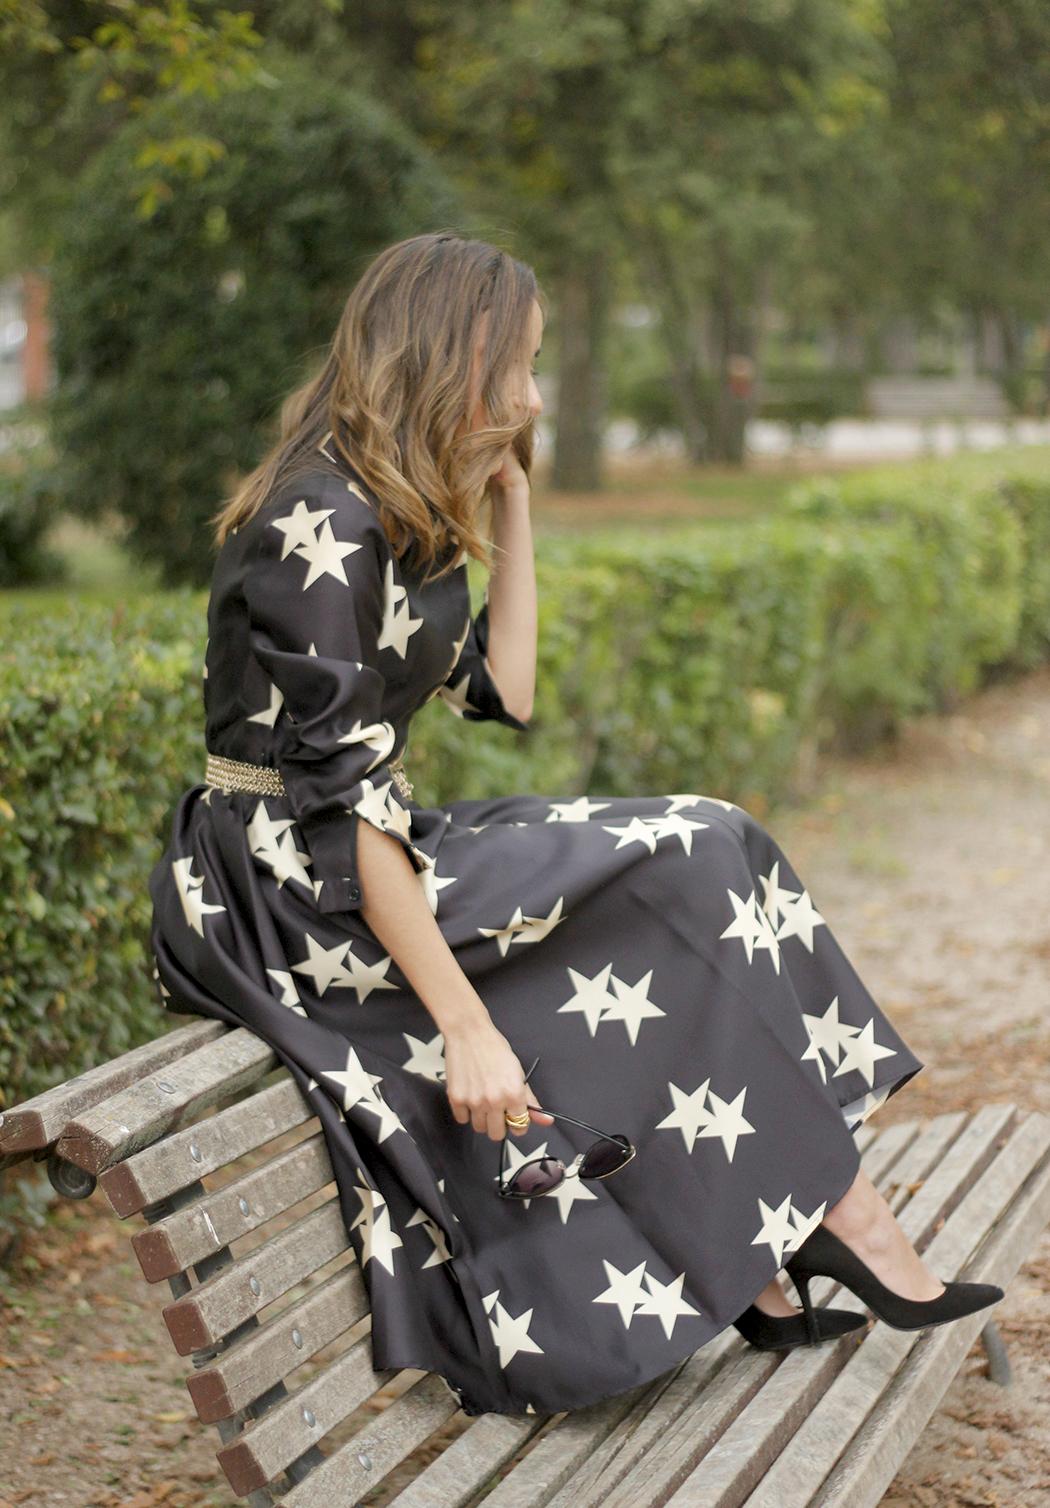 Star Print Dress sunnies heels outfit20